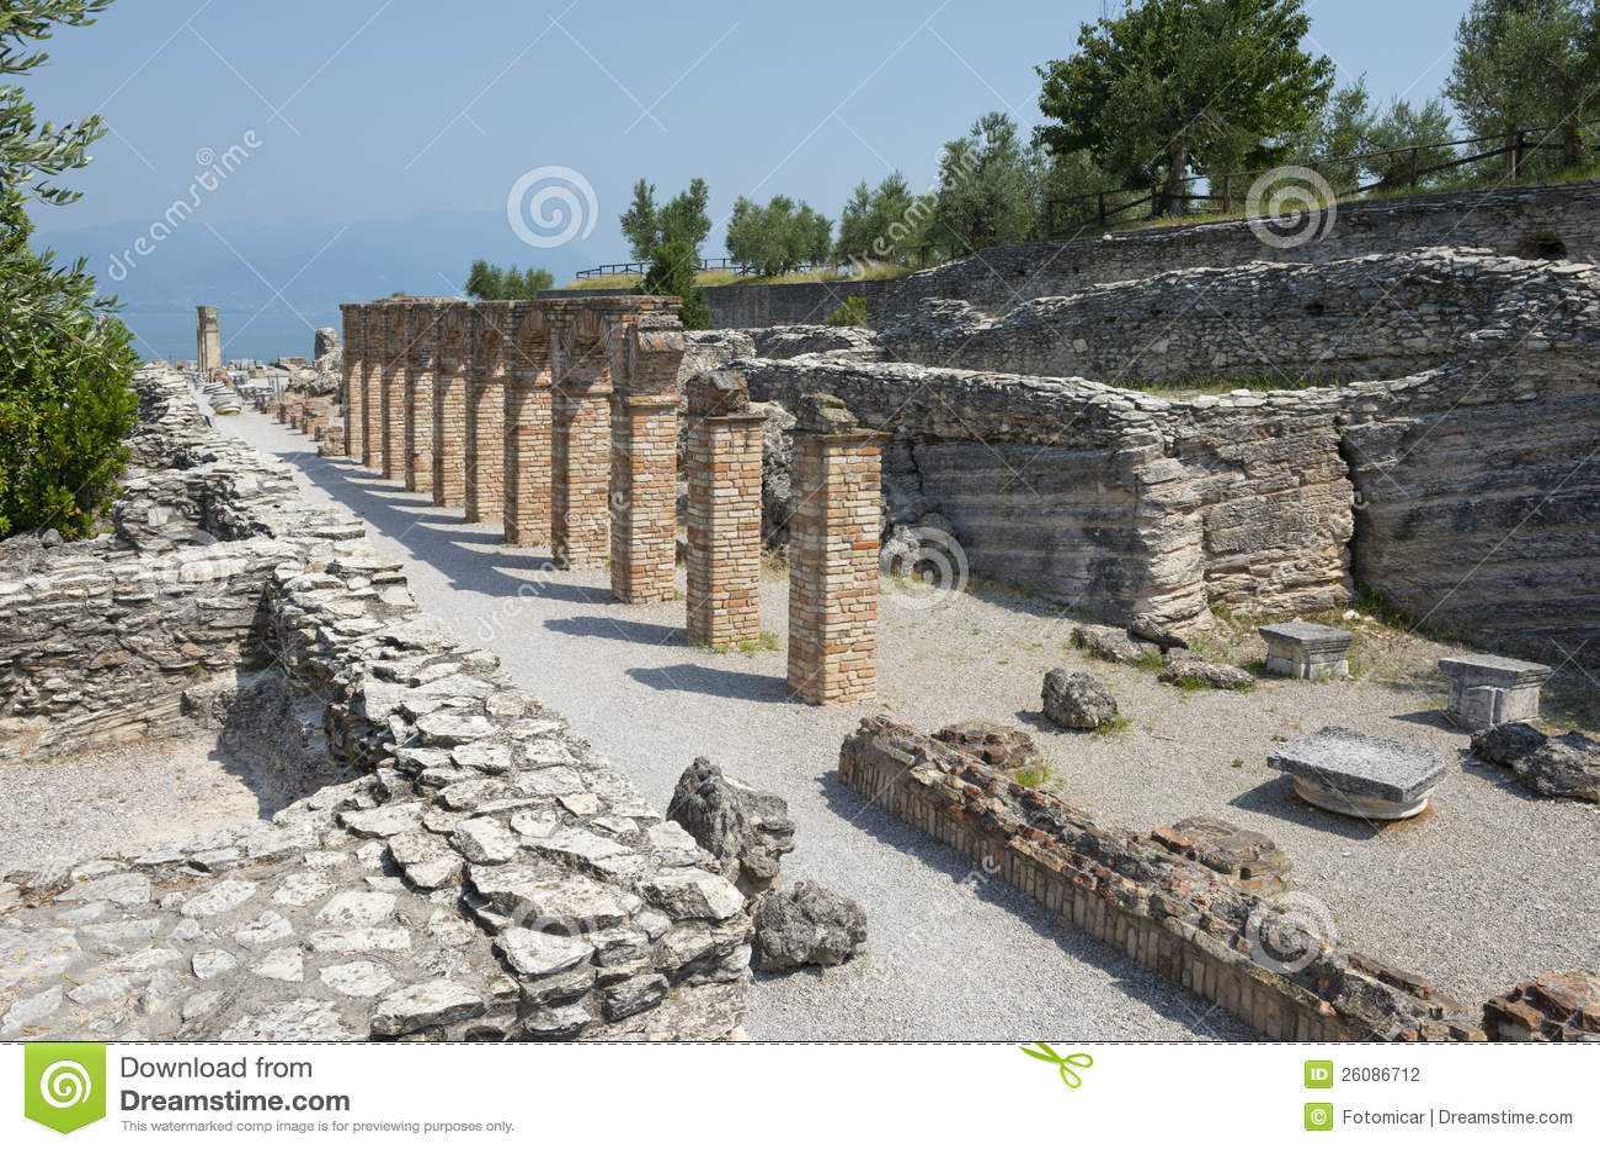 Grotte Di Catullo Roman Remainsat Sirmione